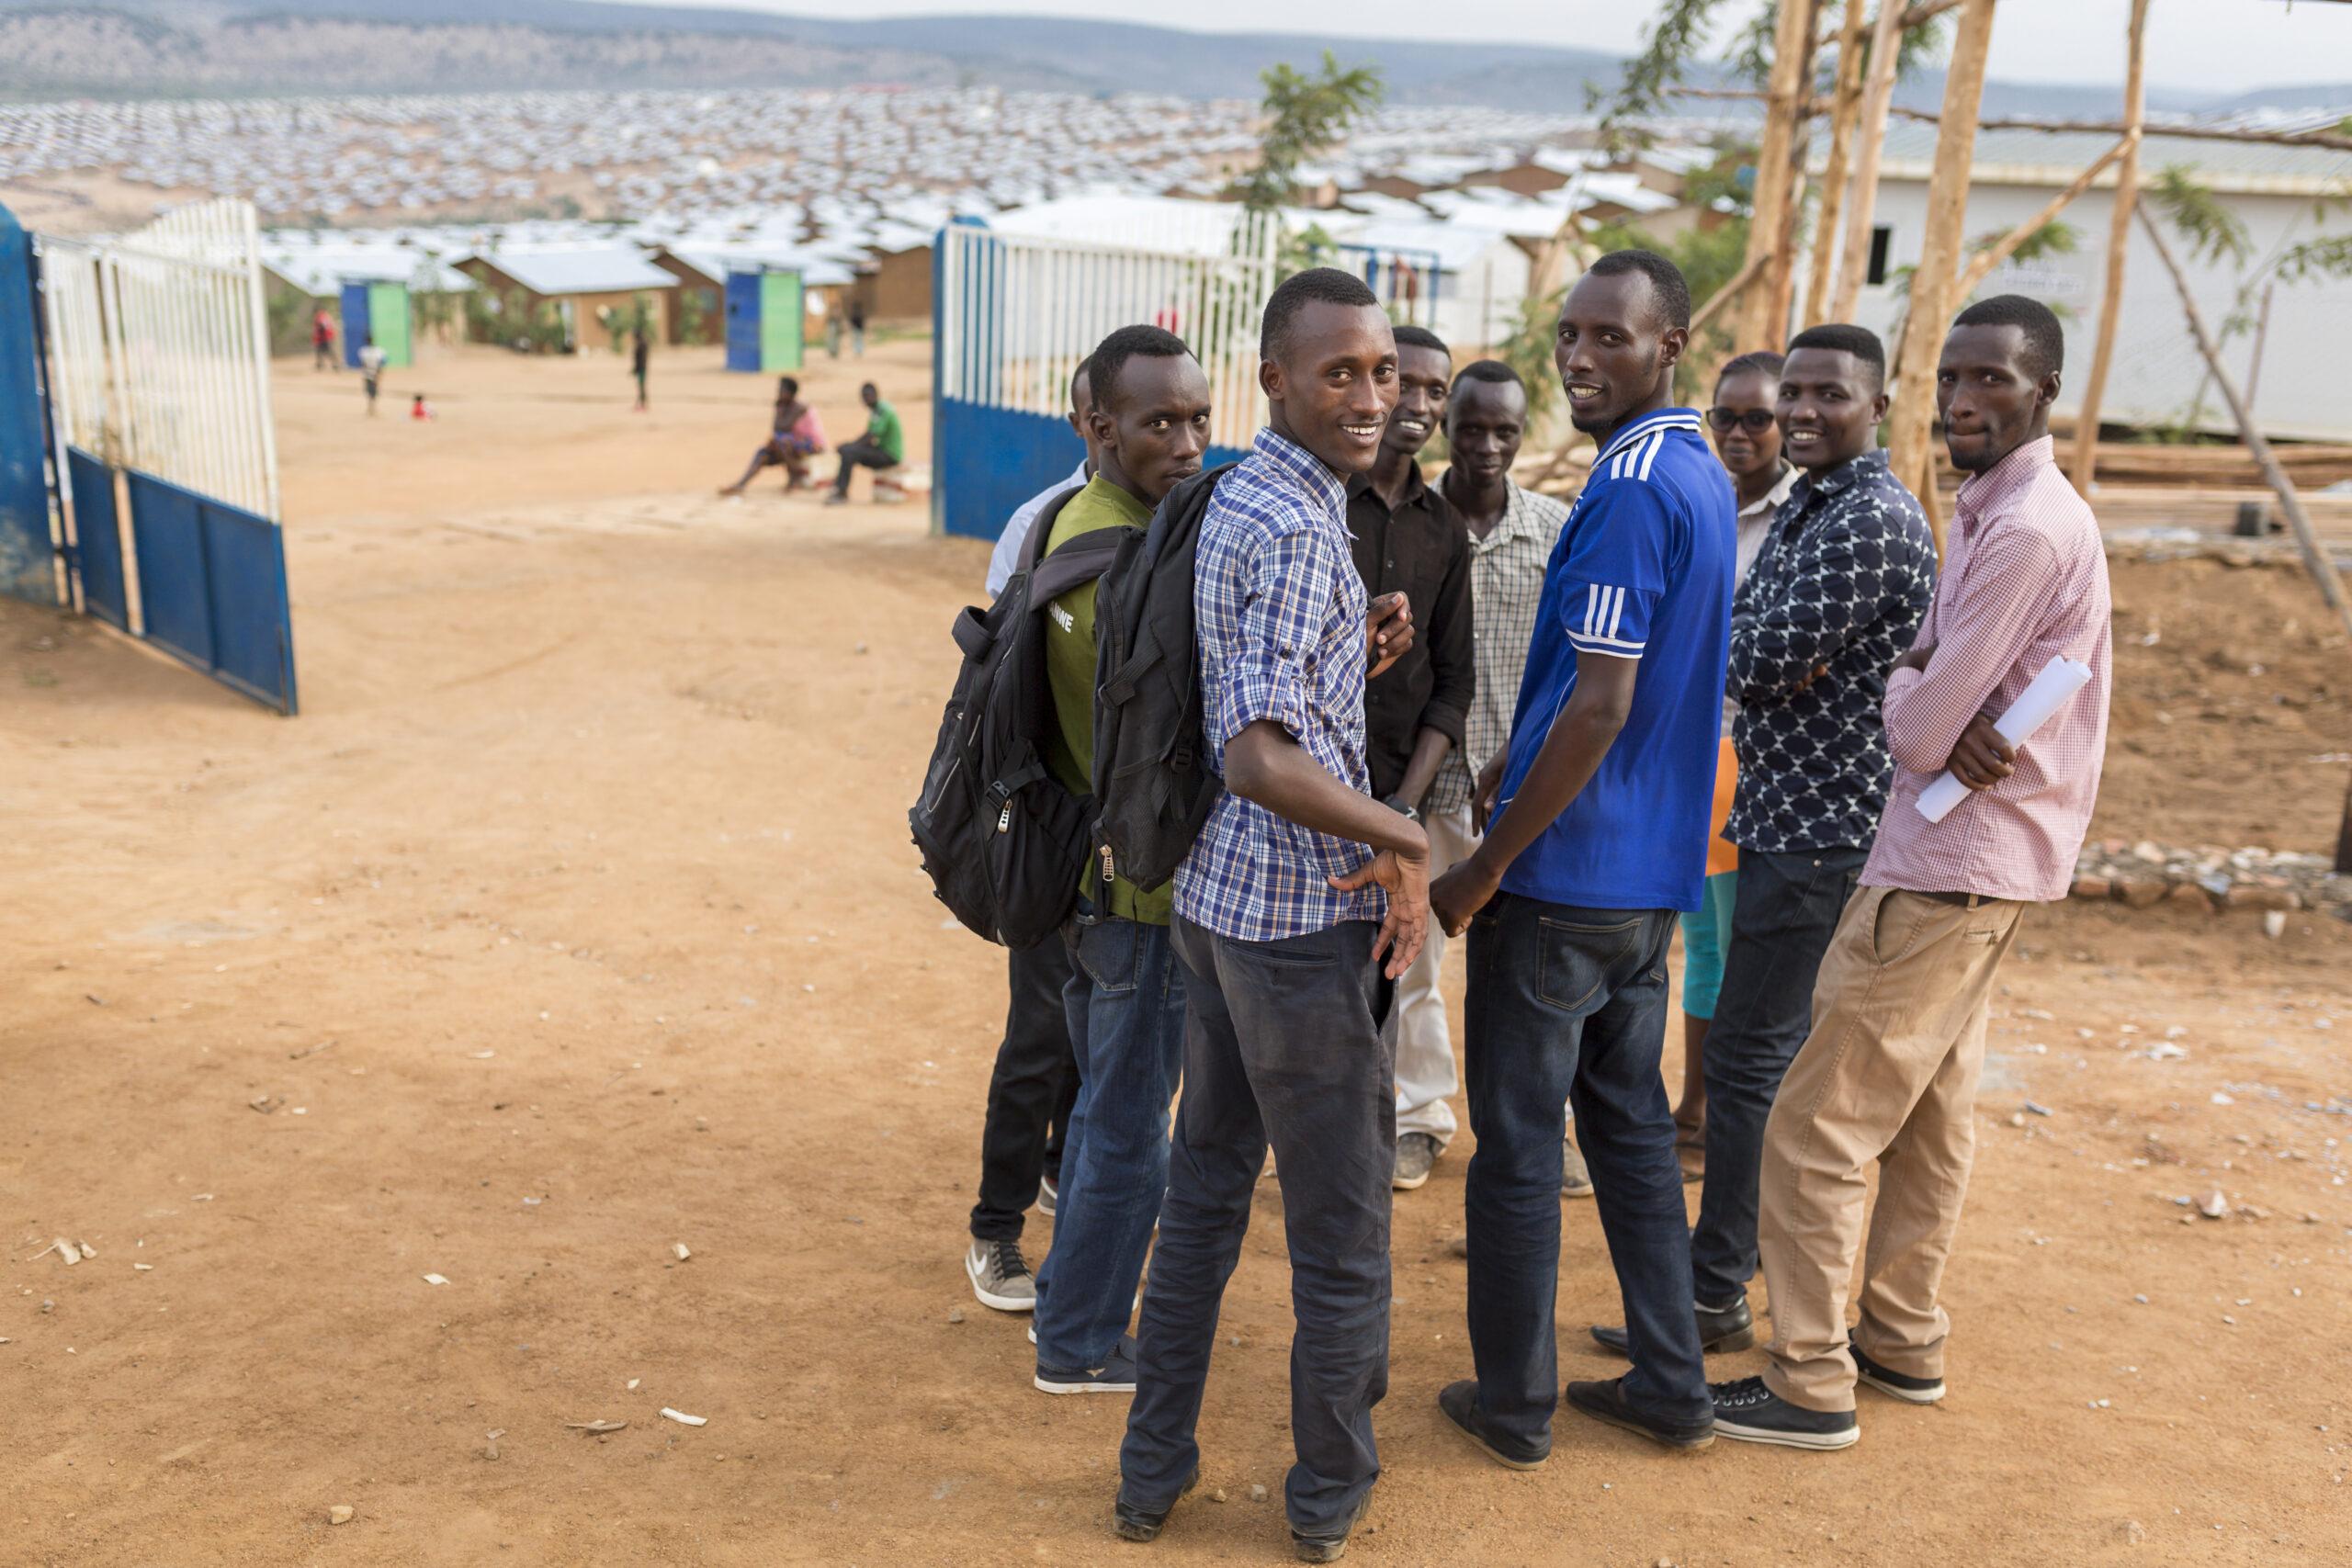 I dag er det det kun 3 % av flyktninger som har tilgang til universitet eller annen høyere utdannelse. Nå har FNs flyktningorganisasjon UNHCR satt seg et hårete mål om at denne andelen skal stige til 15 % innen 2030.